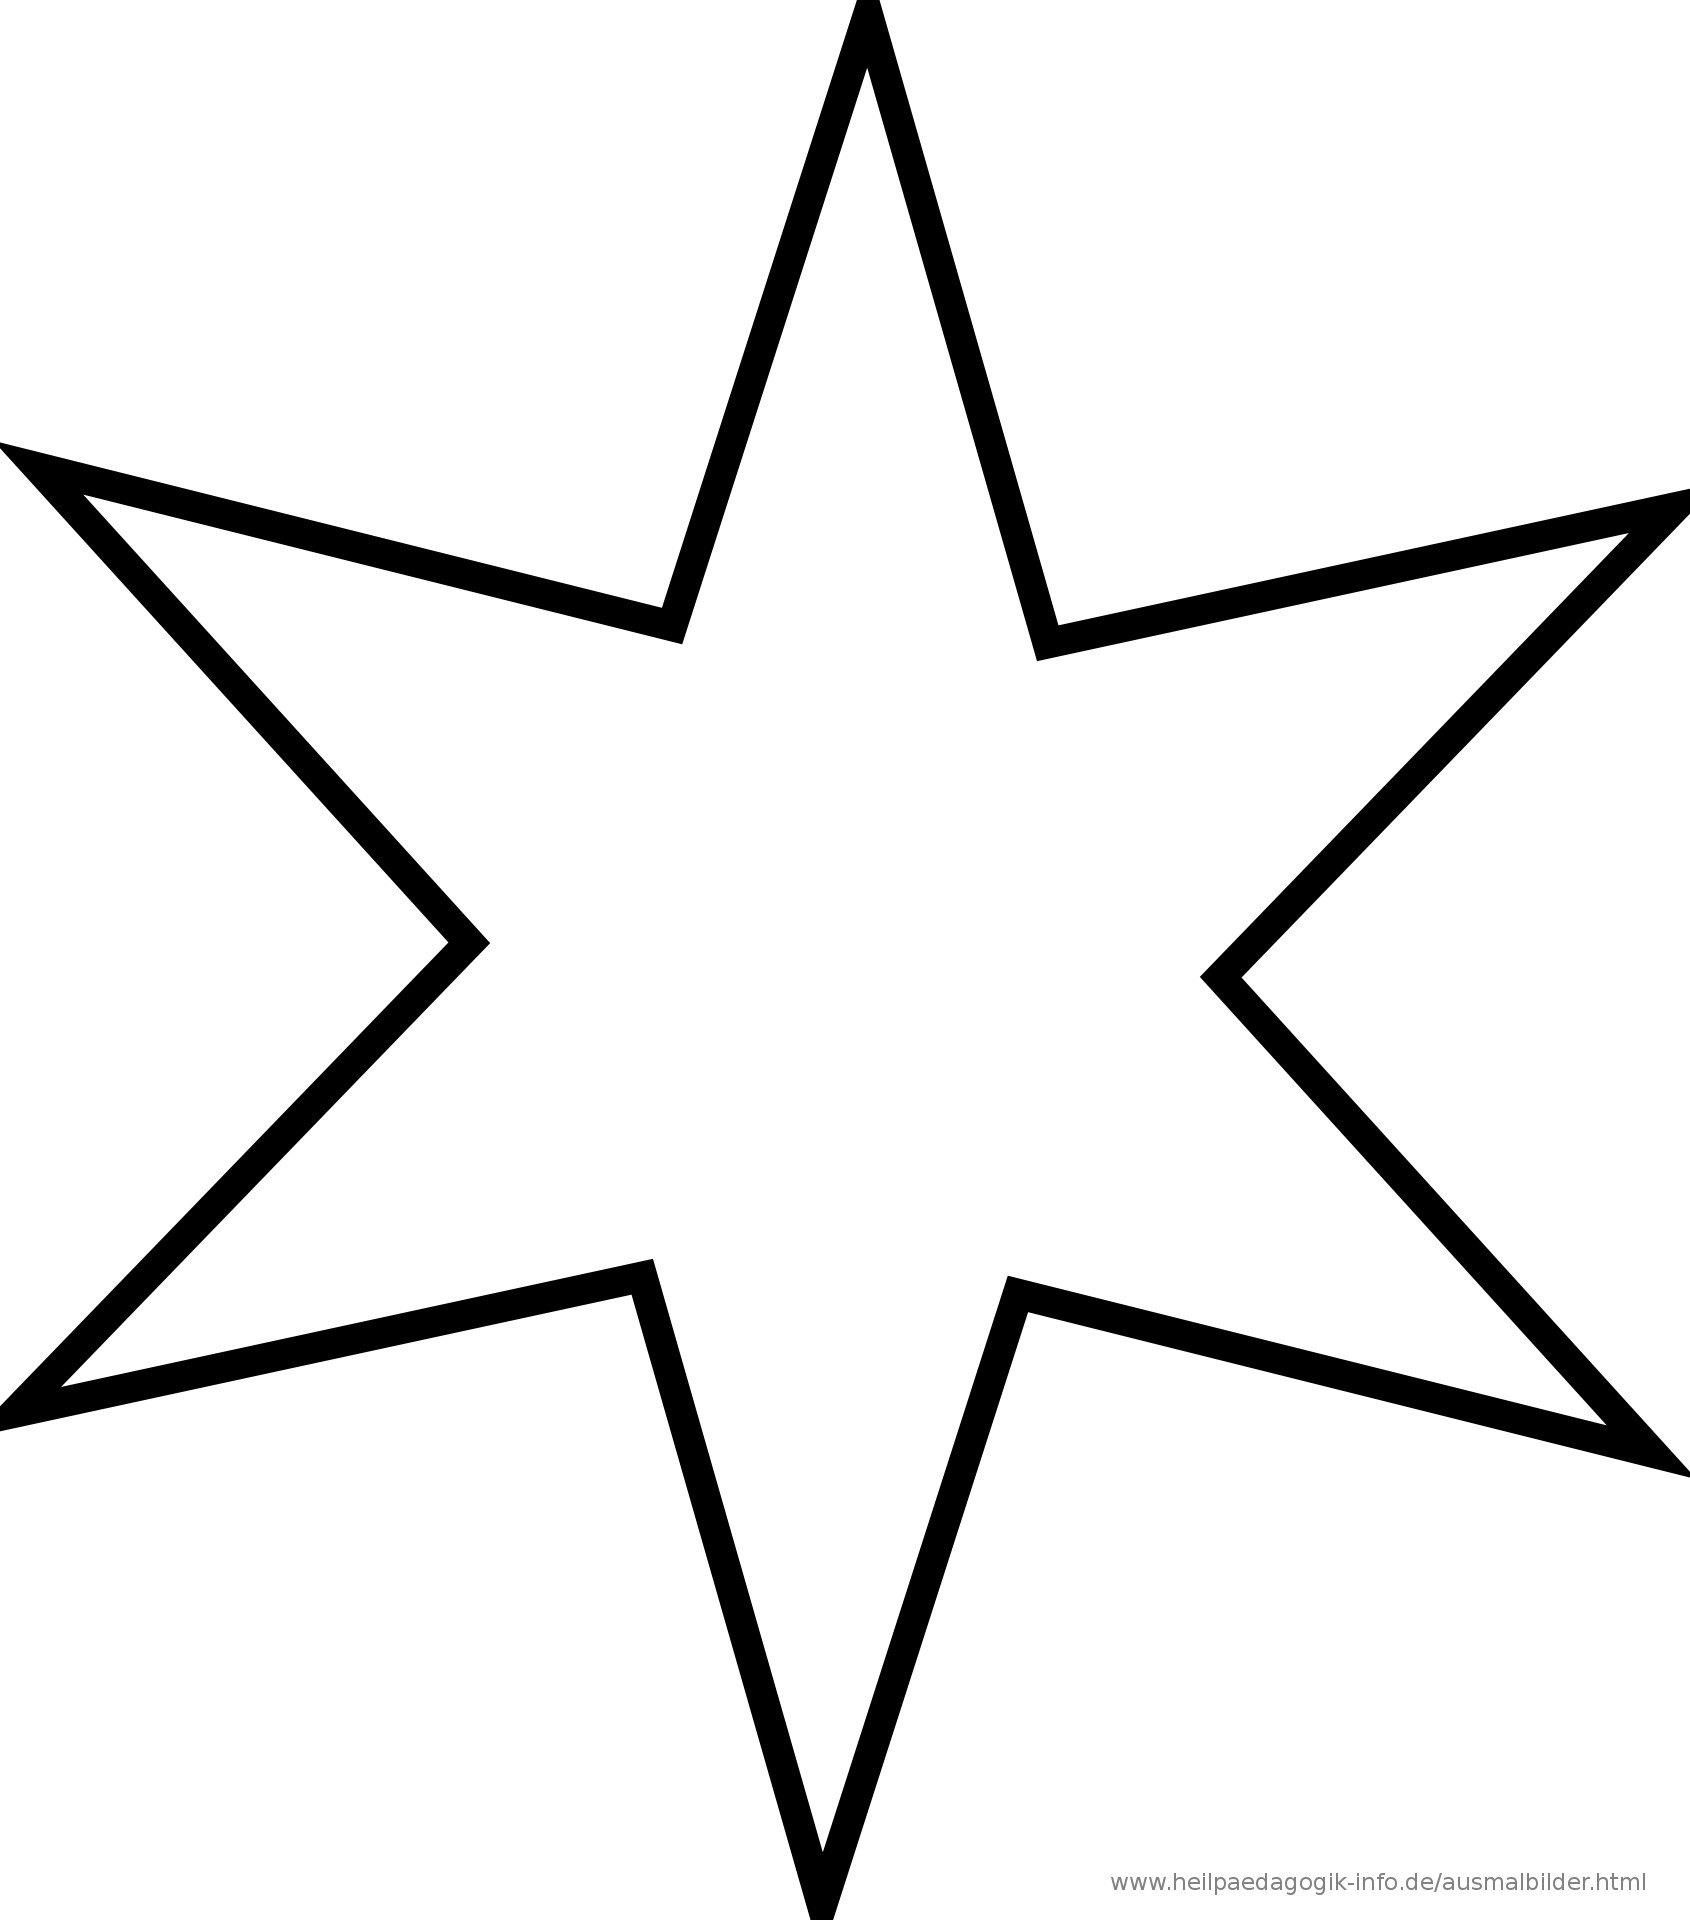 Malvorlagen Stern  Ausmalbilder Sterne